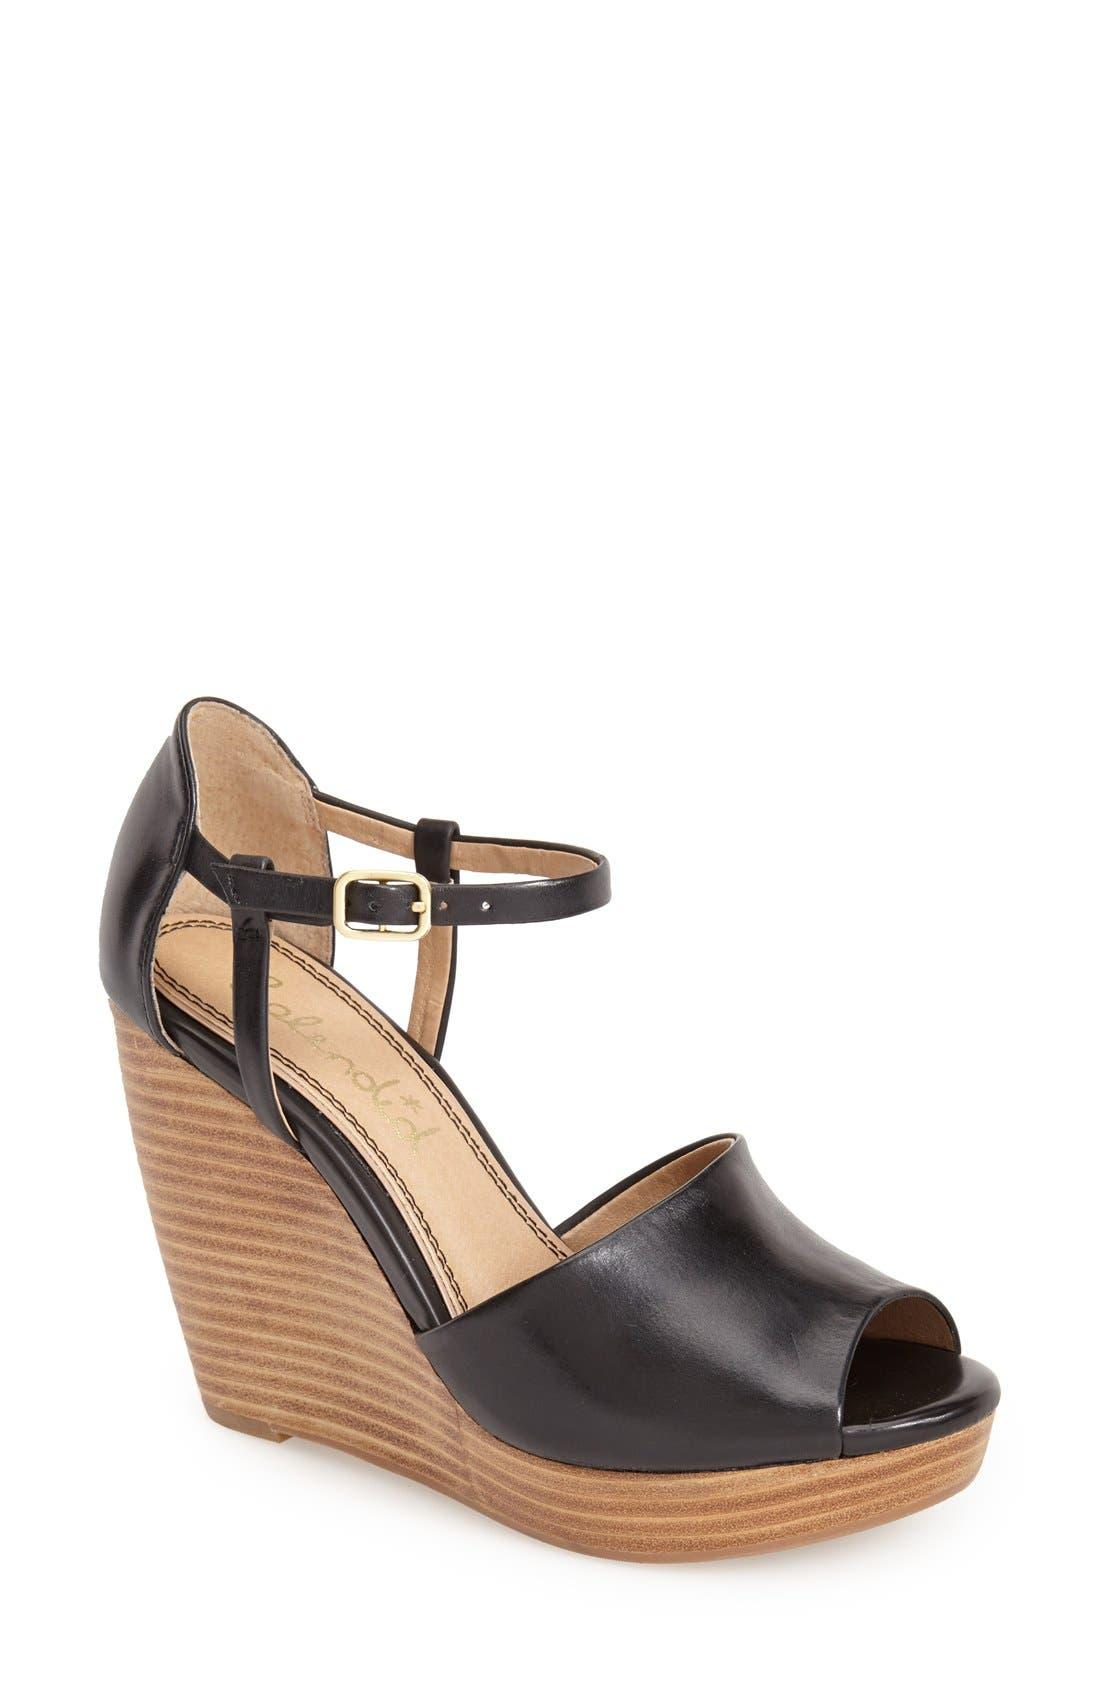 Main Image - Splendid 'Davie' Leather Ankle Strap Wedge Sandal (Women)